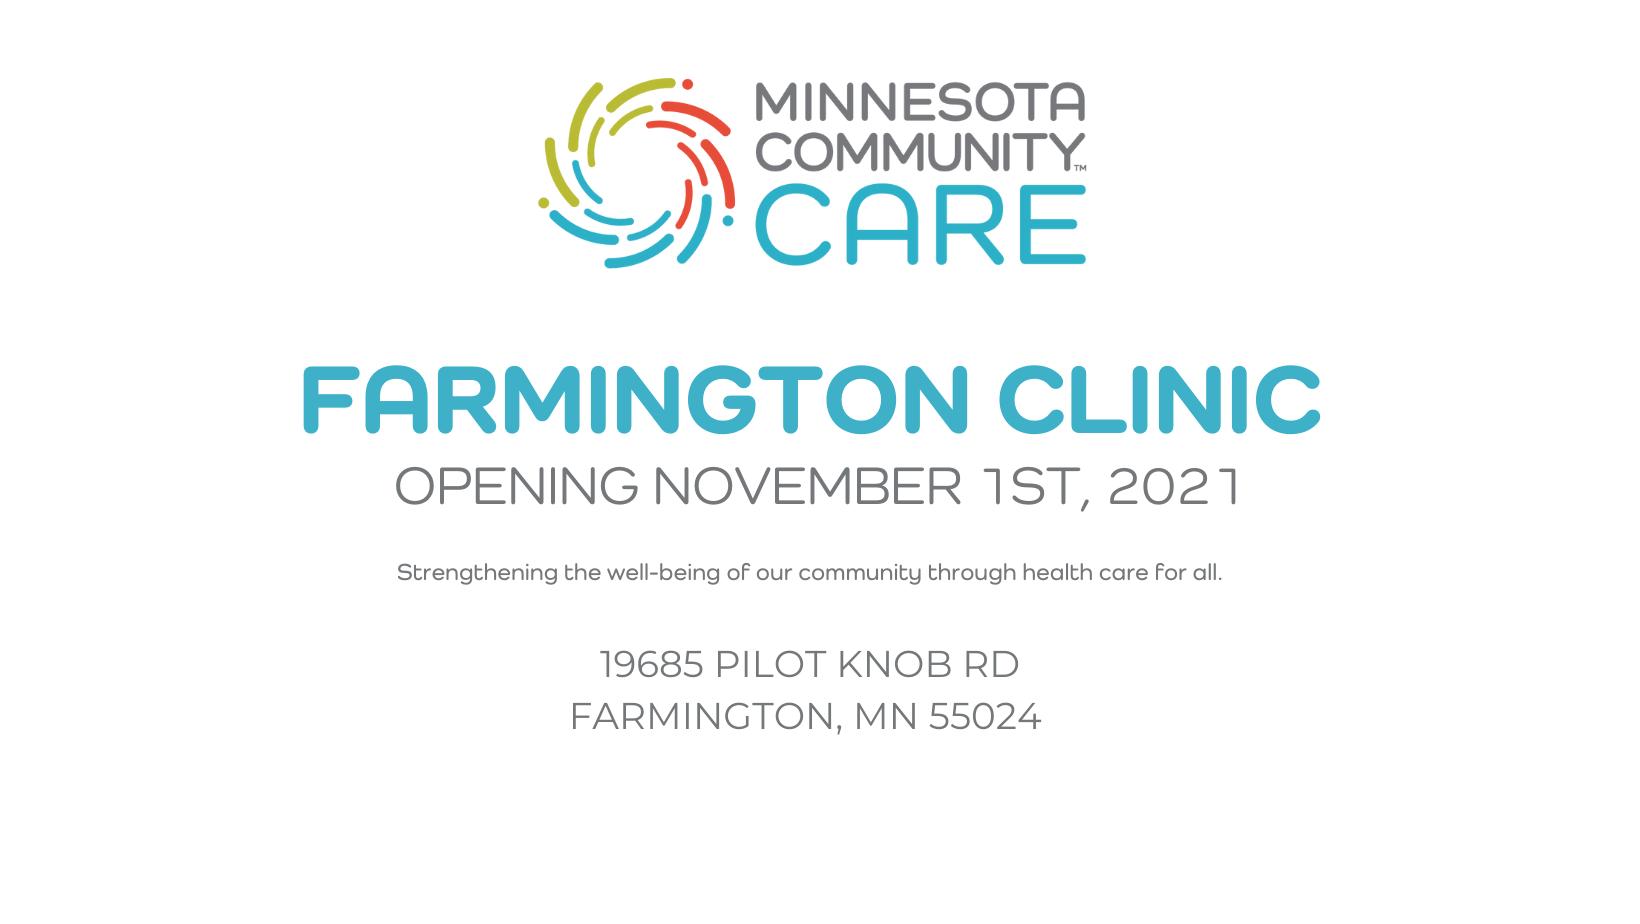 Farmington, MN Clinic opening November 1st, 2021